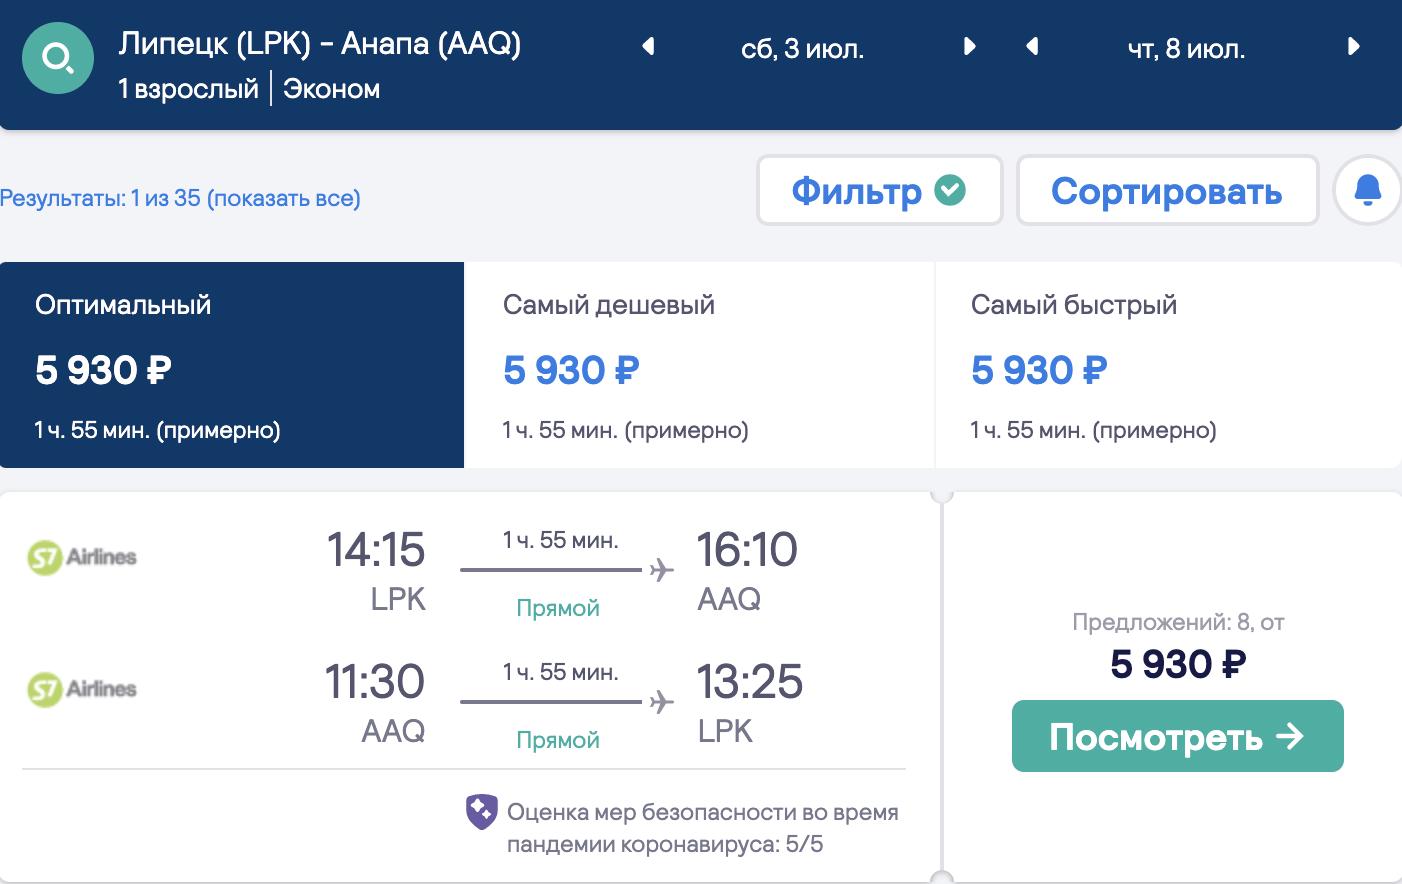 Теперь в июле! Дешевые билеты S7 из Липецка в Анапу от 5900₽ туда-обратно